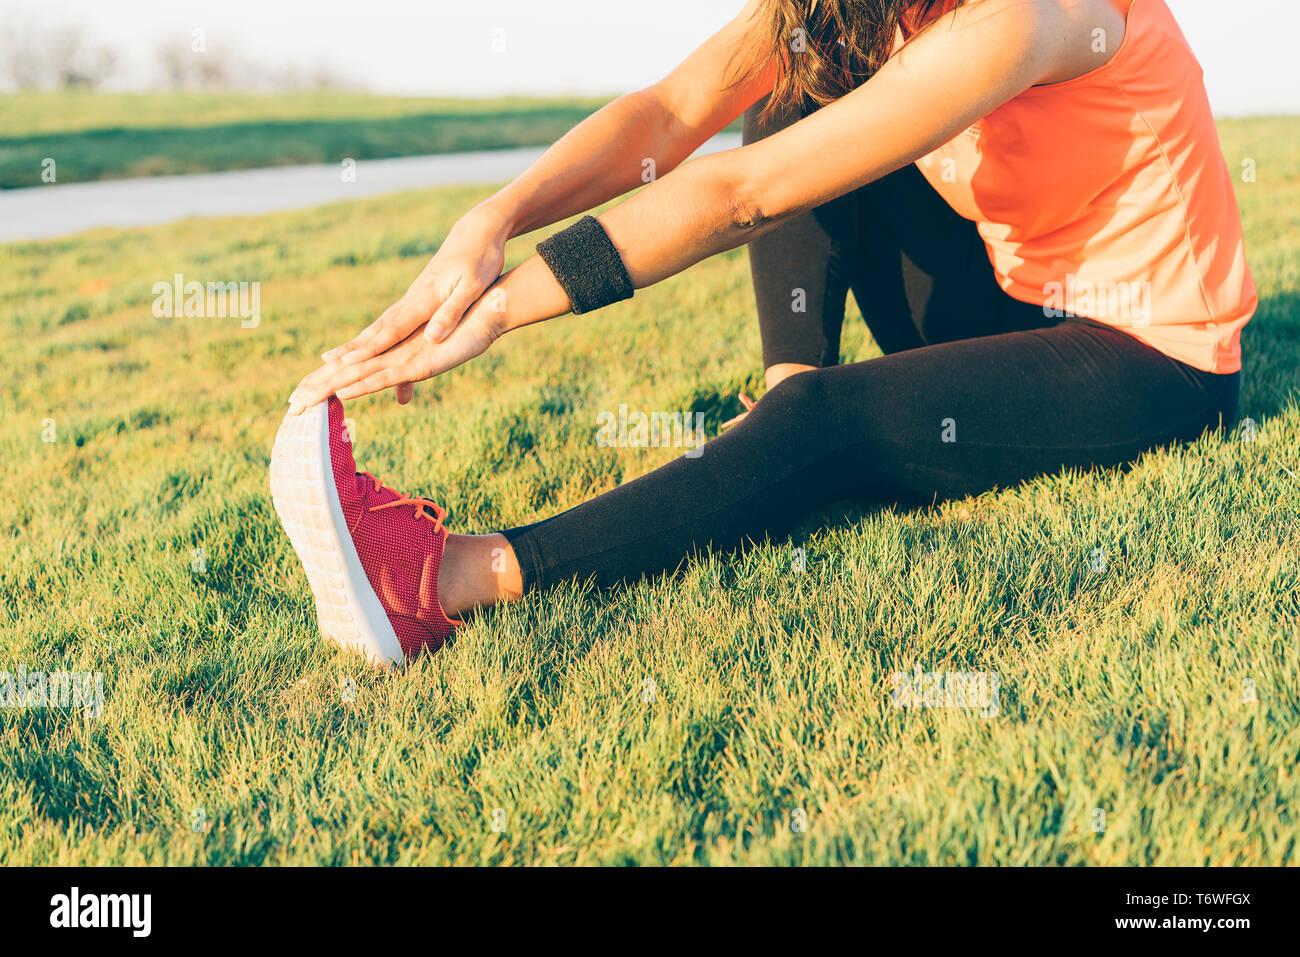 Jeune femme runner stretching jambes avant de courir dans un parc. Close up athletic et sains girl wearing white et pink sneakers. Banque D'Images